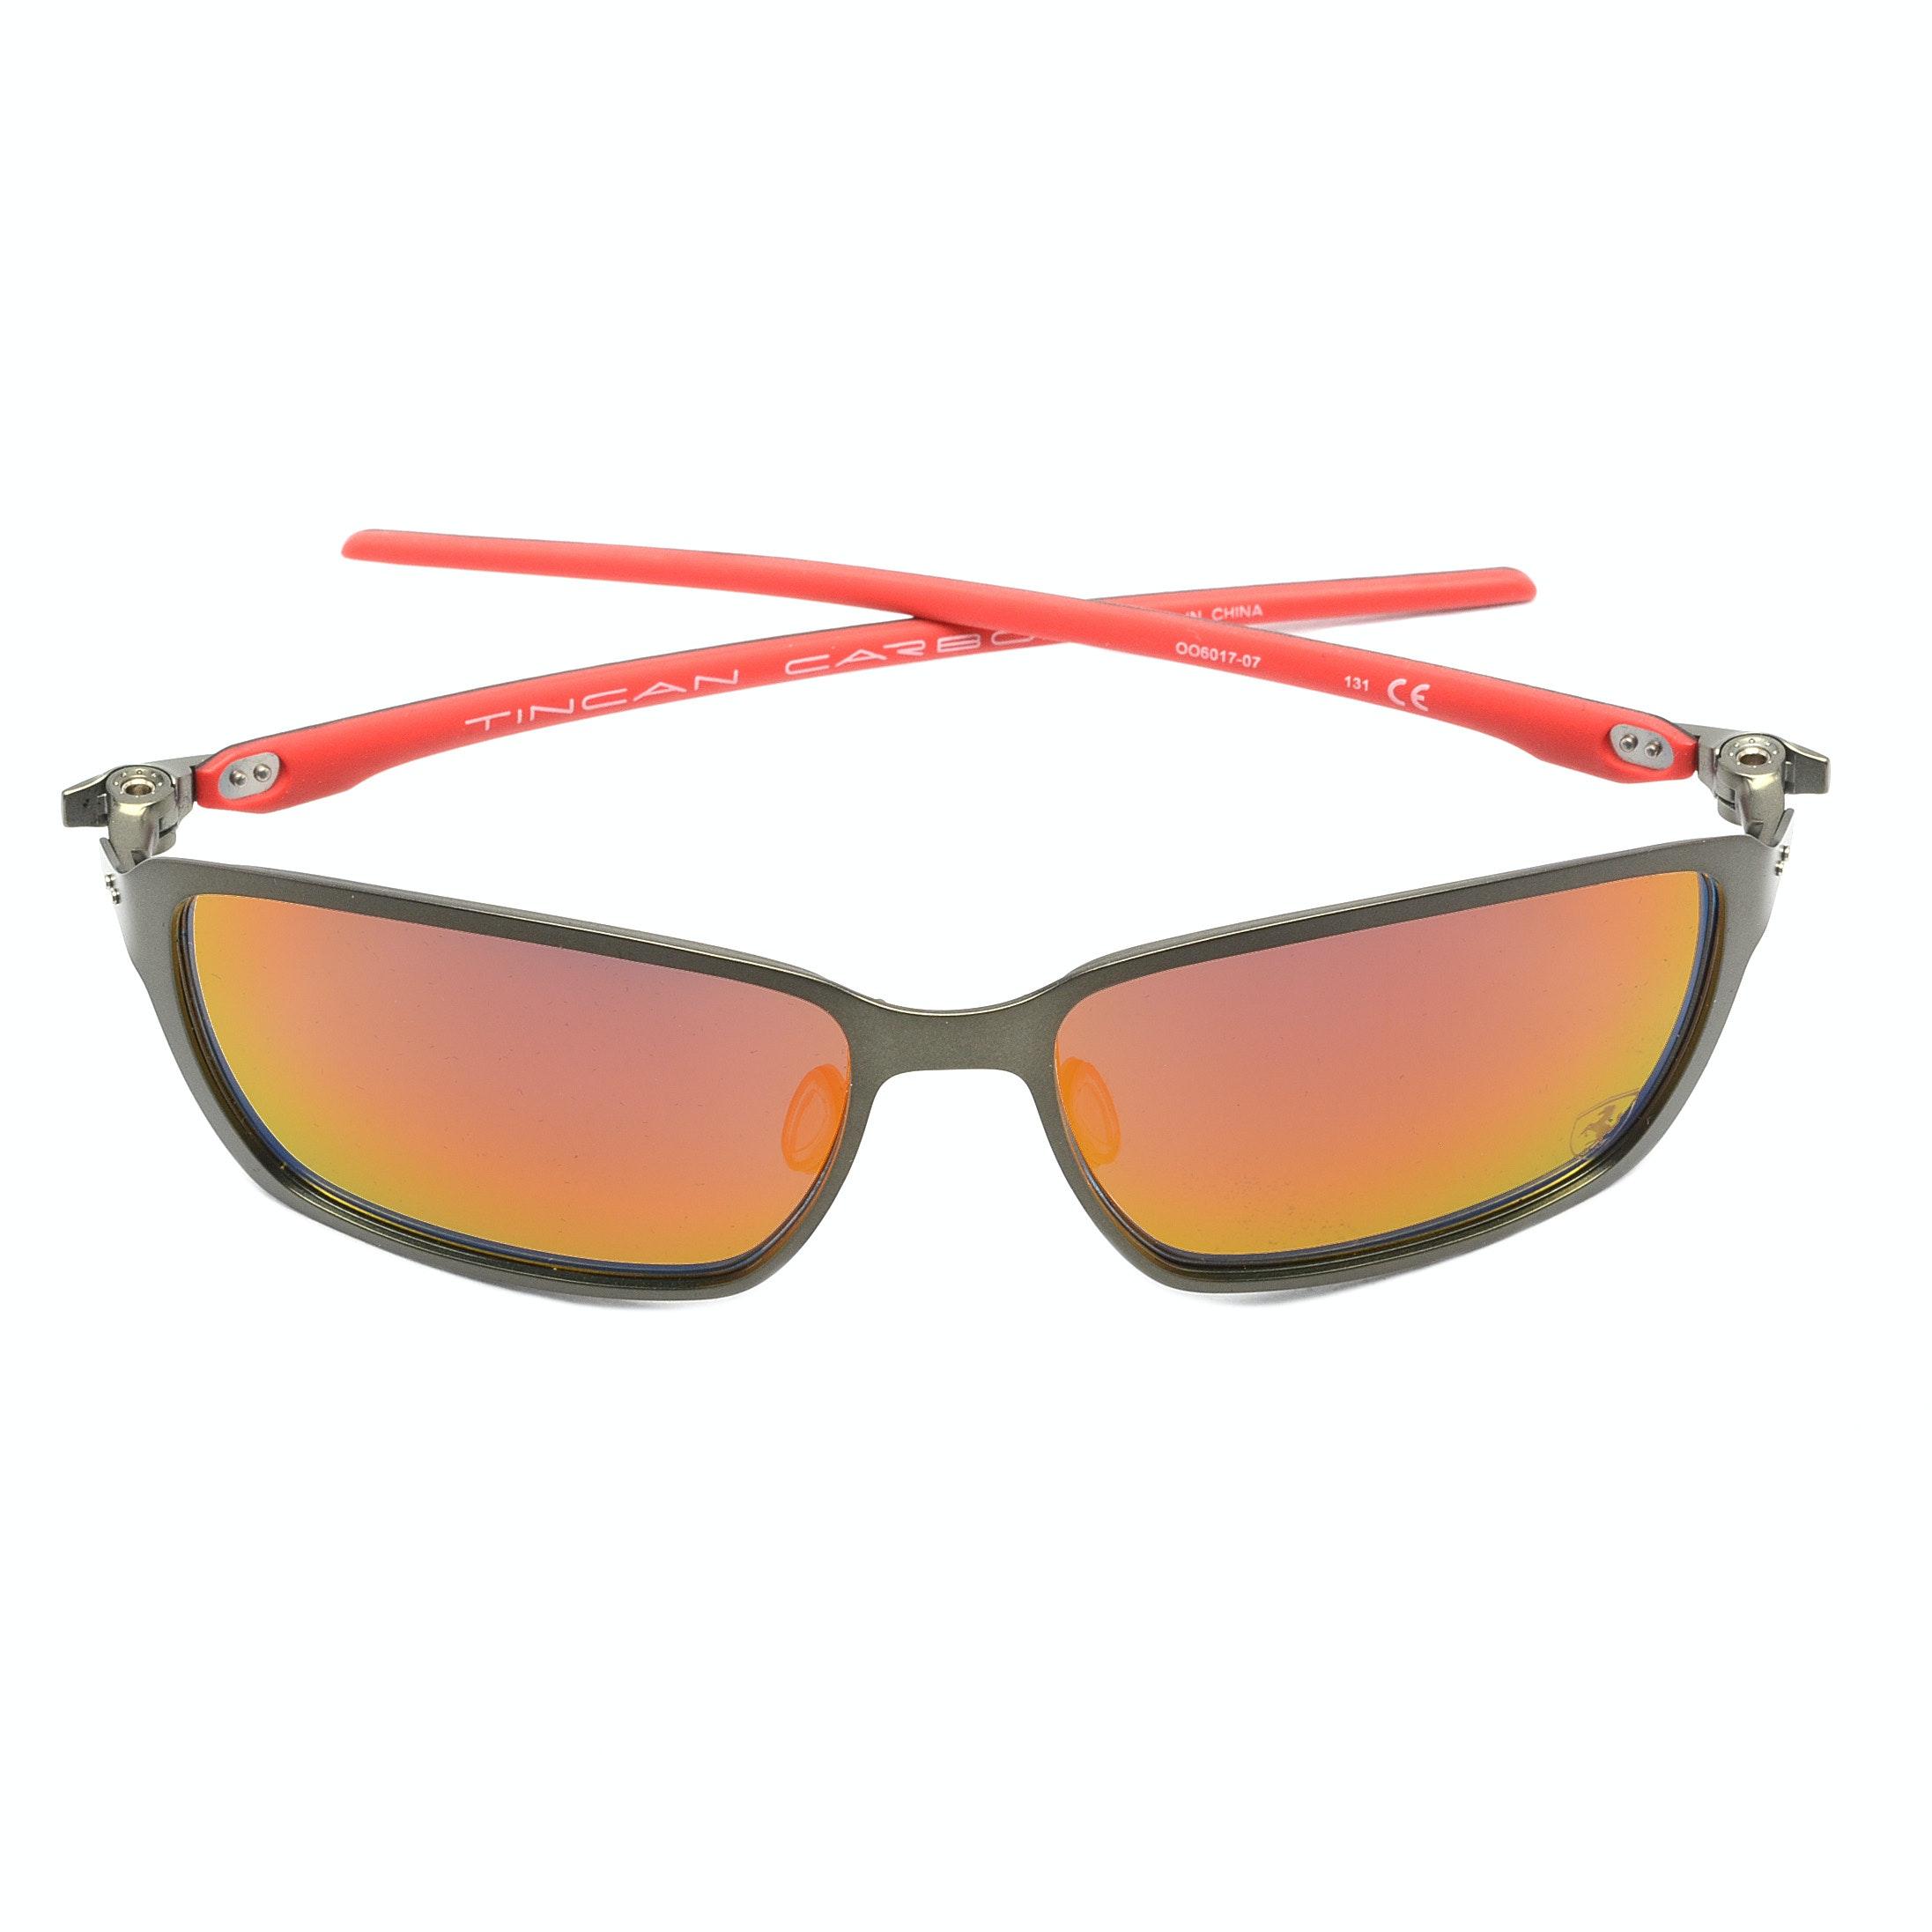 Oakley Tincan Carbon Scuderia Ferrari Collection Sunglasses